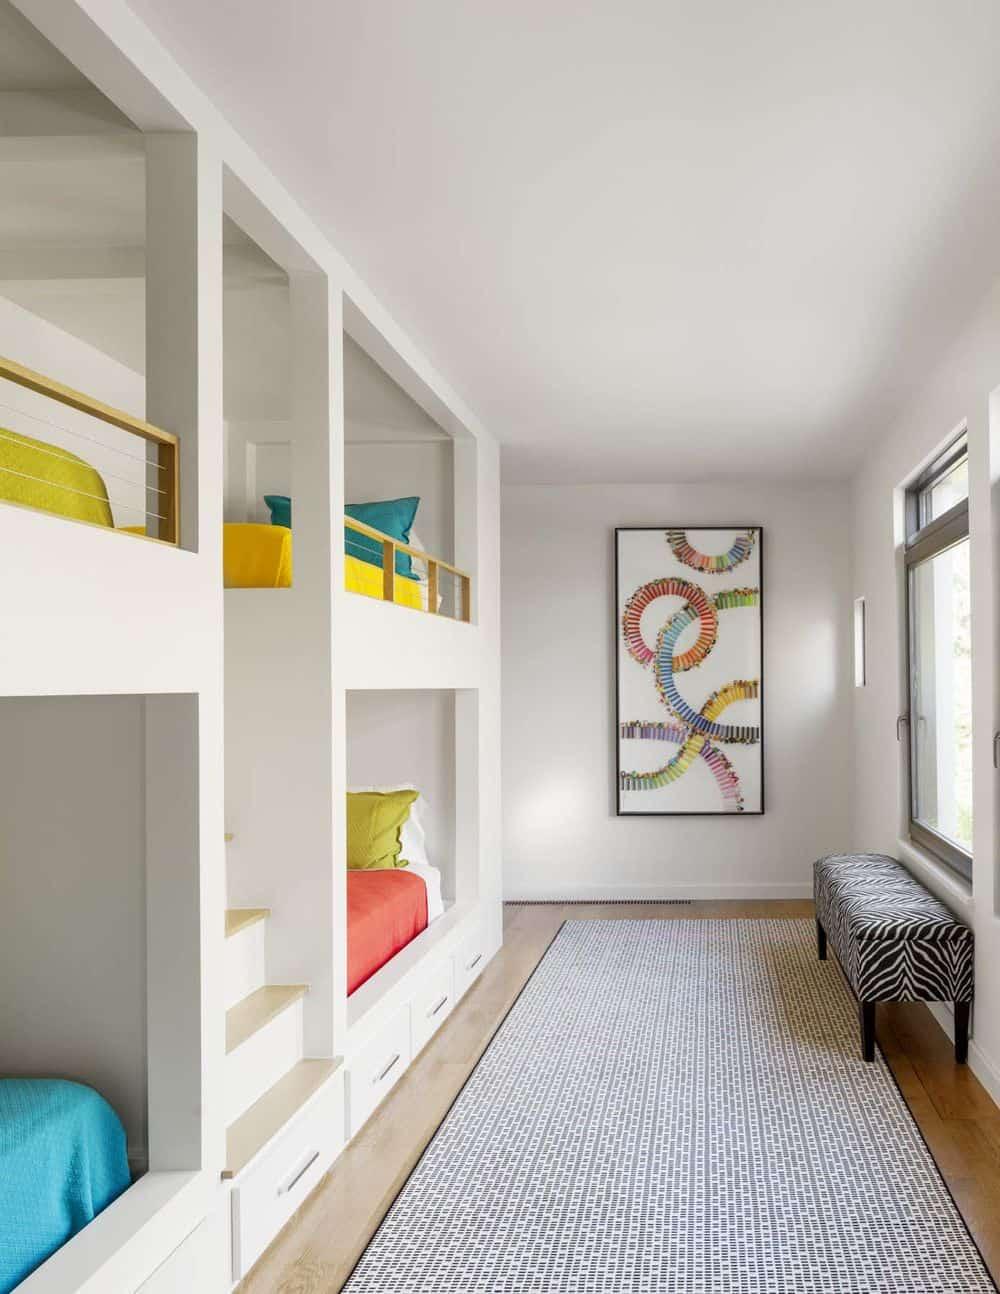 Những điều cần biết về màu sắc trong thiết kế kiến trúc